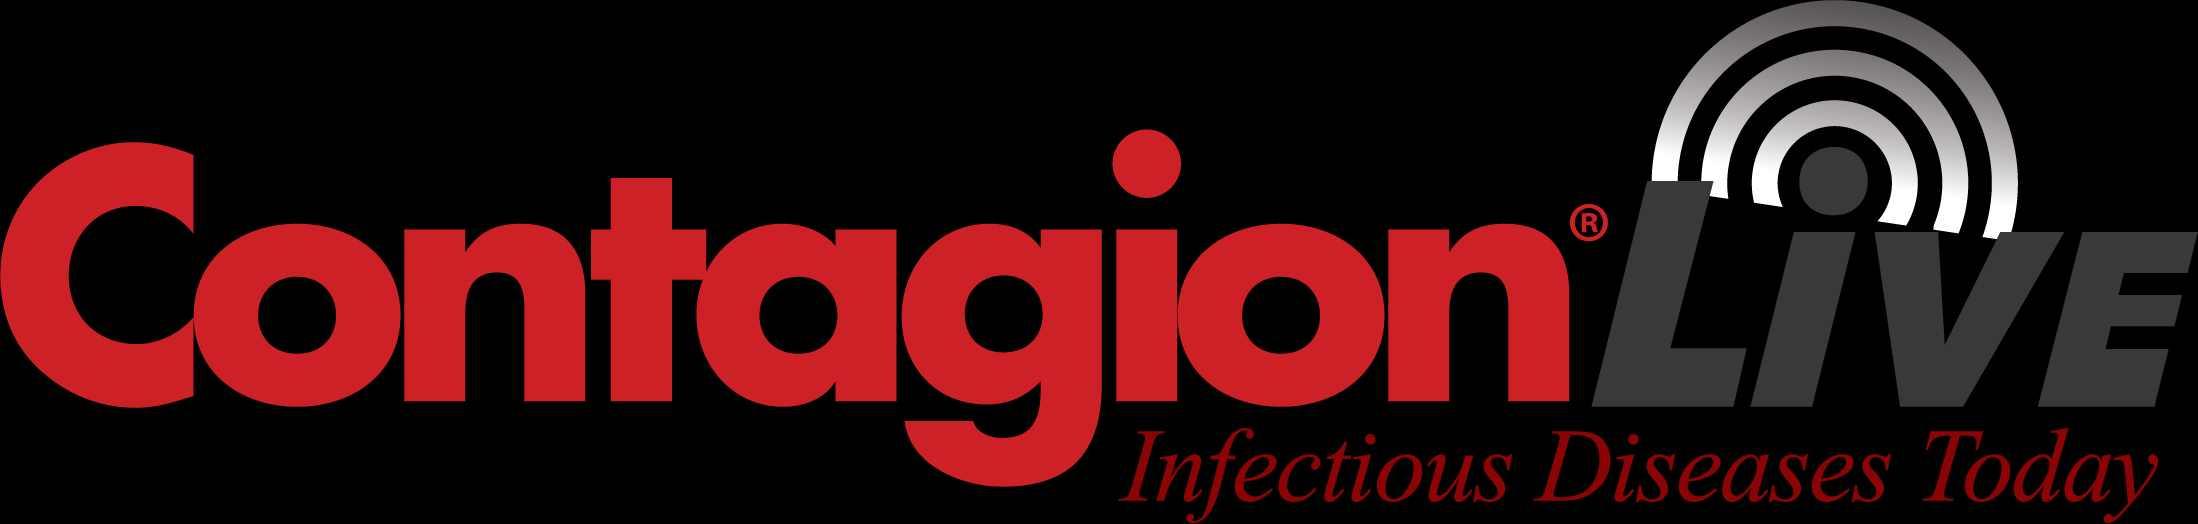 ContagionLive logo 40